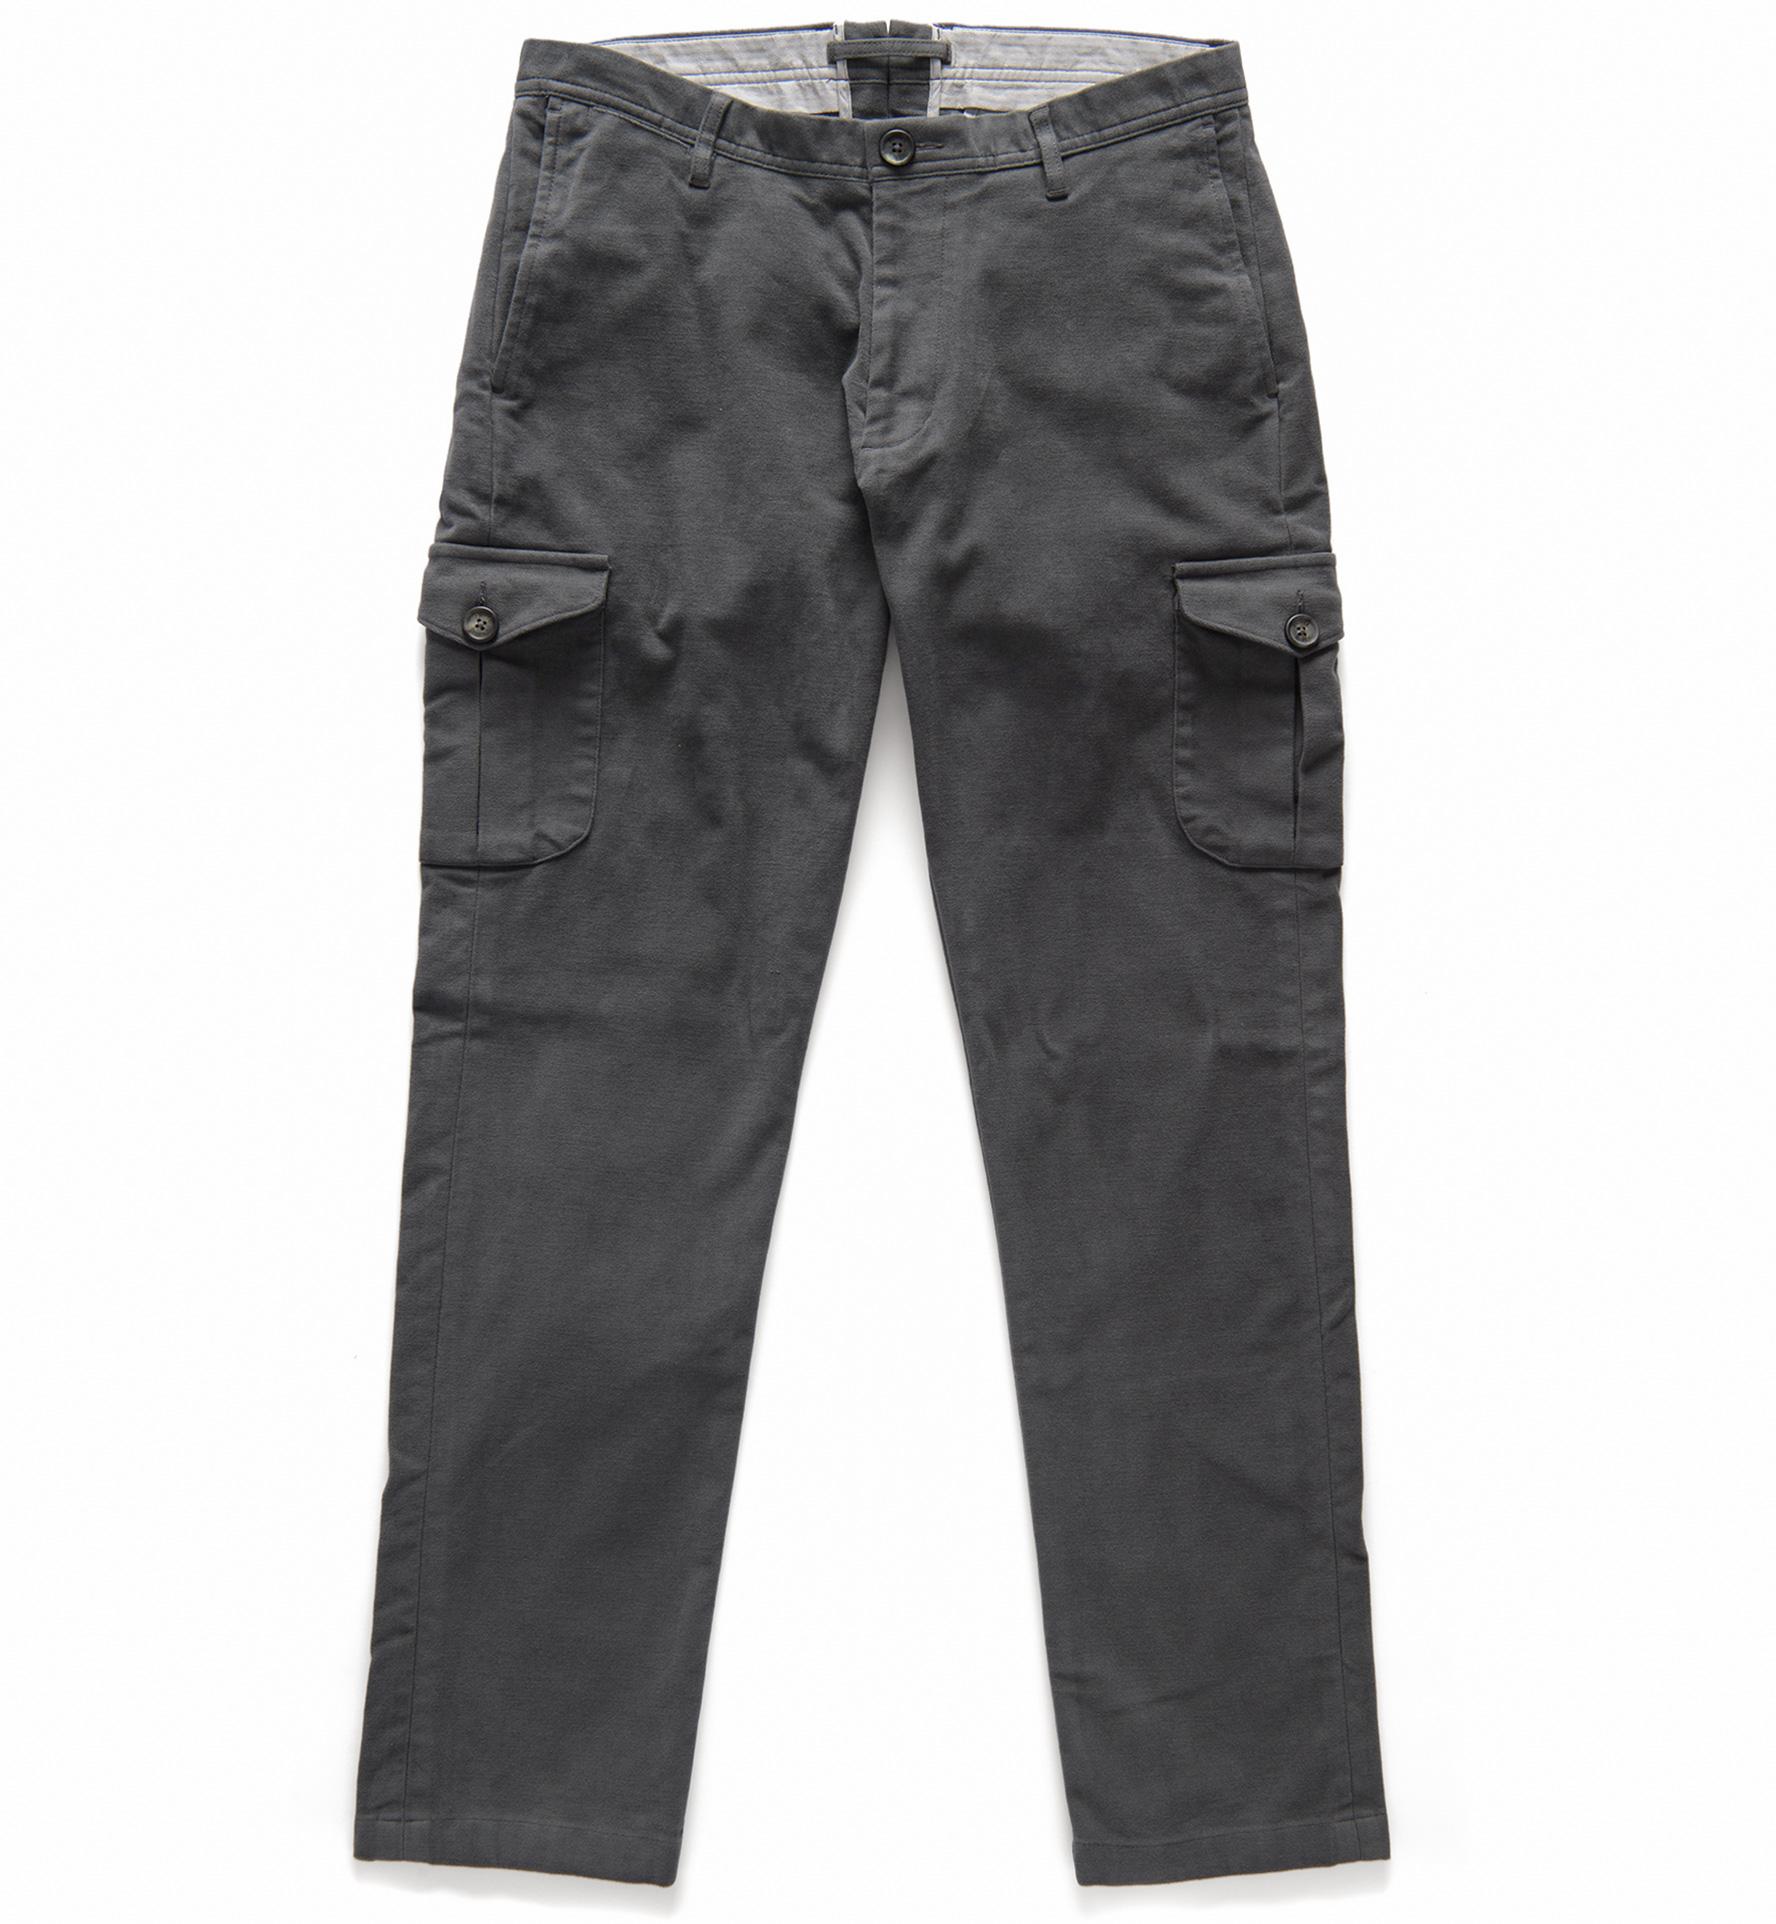 Zoom Image of Thompson Grey Moleskin Cargo Pant